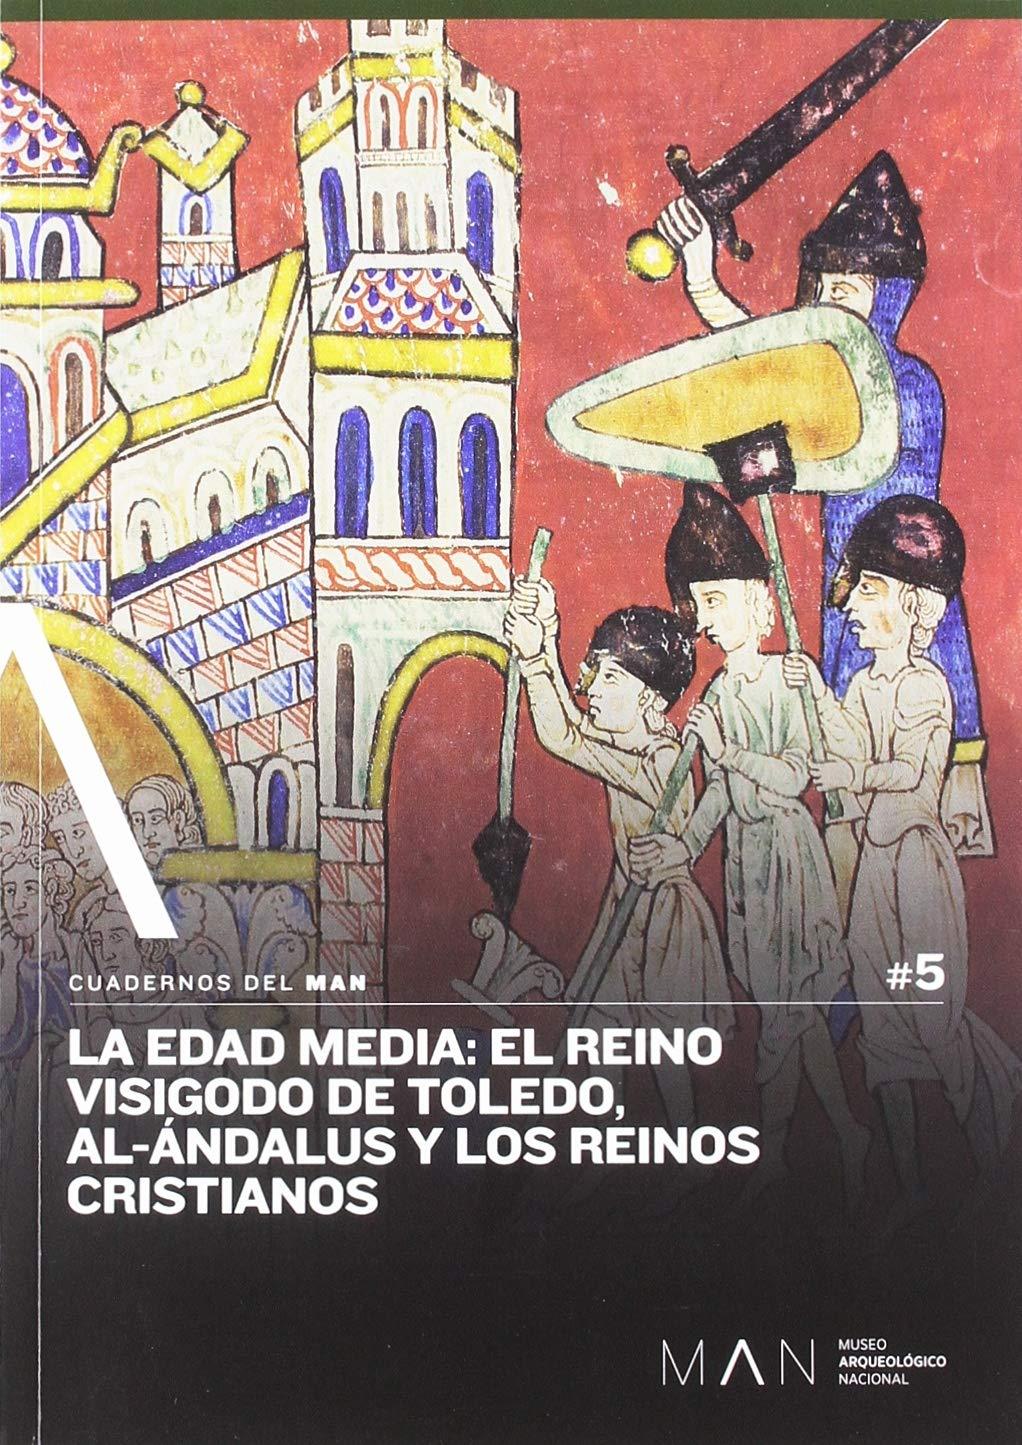 La Edad Media: El reino visigodo de Toledo, Al-Ándalus y los reinos cristianos: 5 Cuadernos del Man: Amazon.es: Vidal Álvarez, Sergio, Arías Sánchez, Isabel: Libros